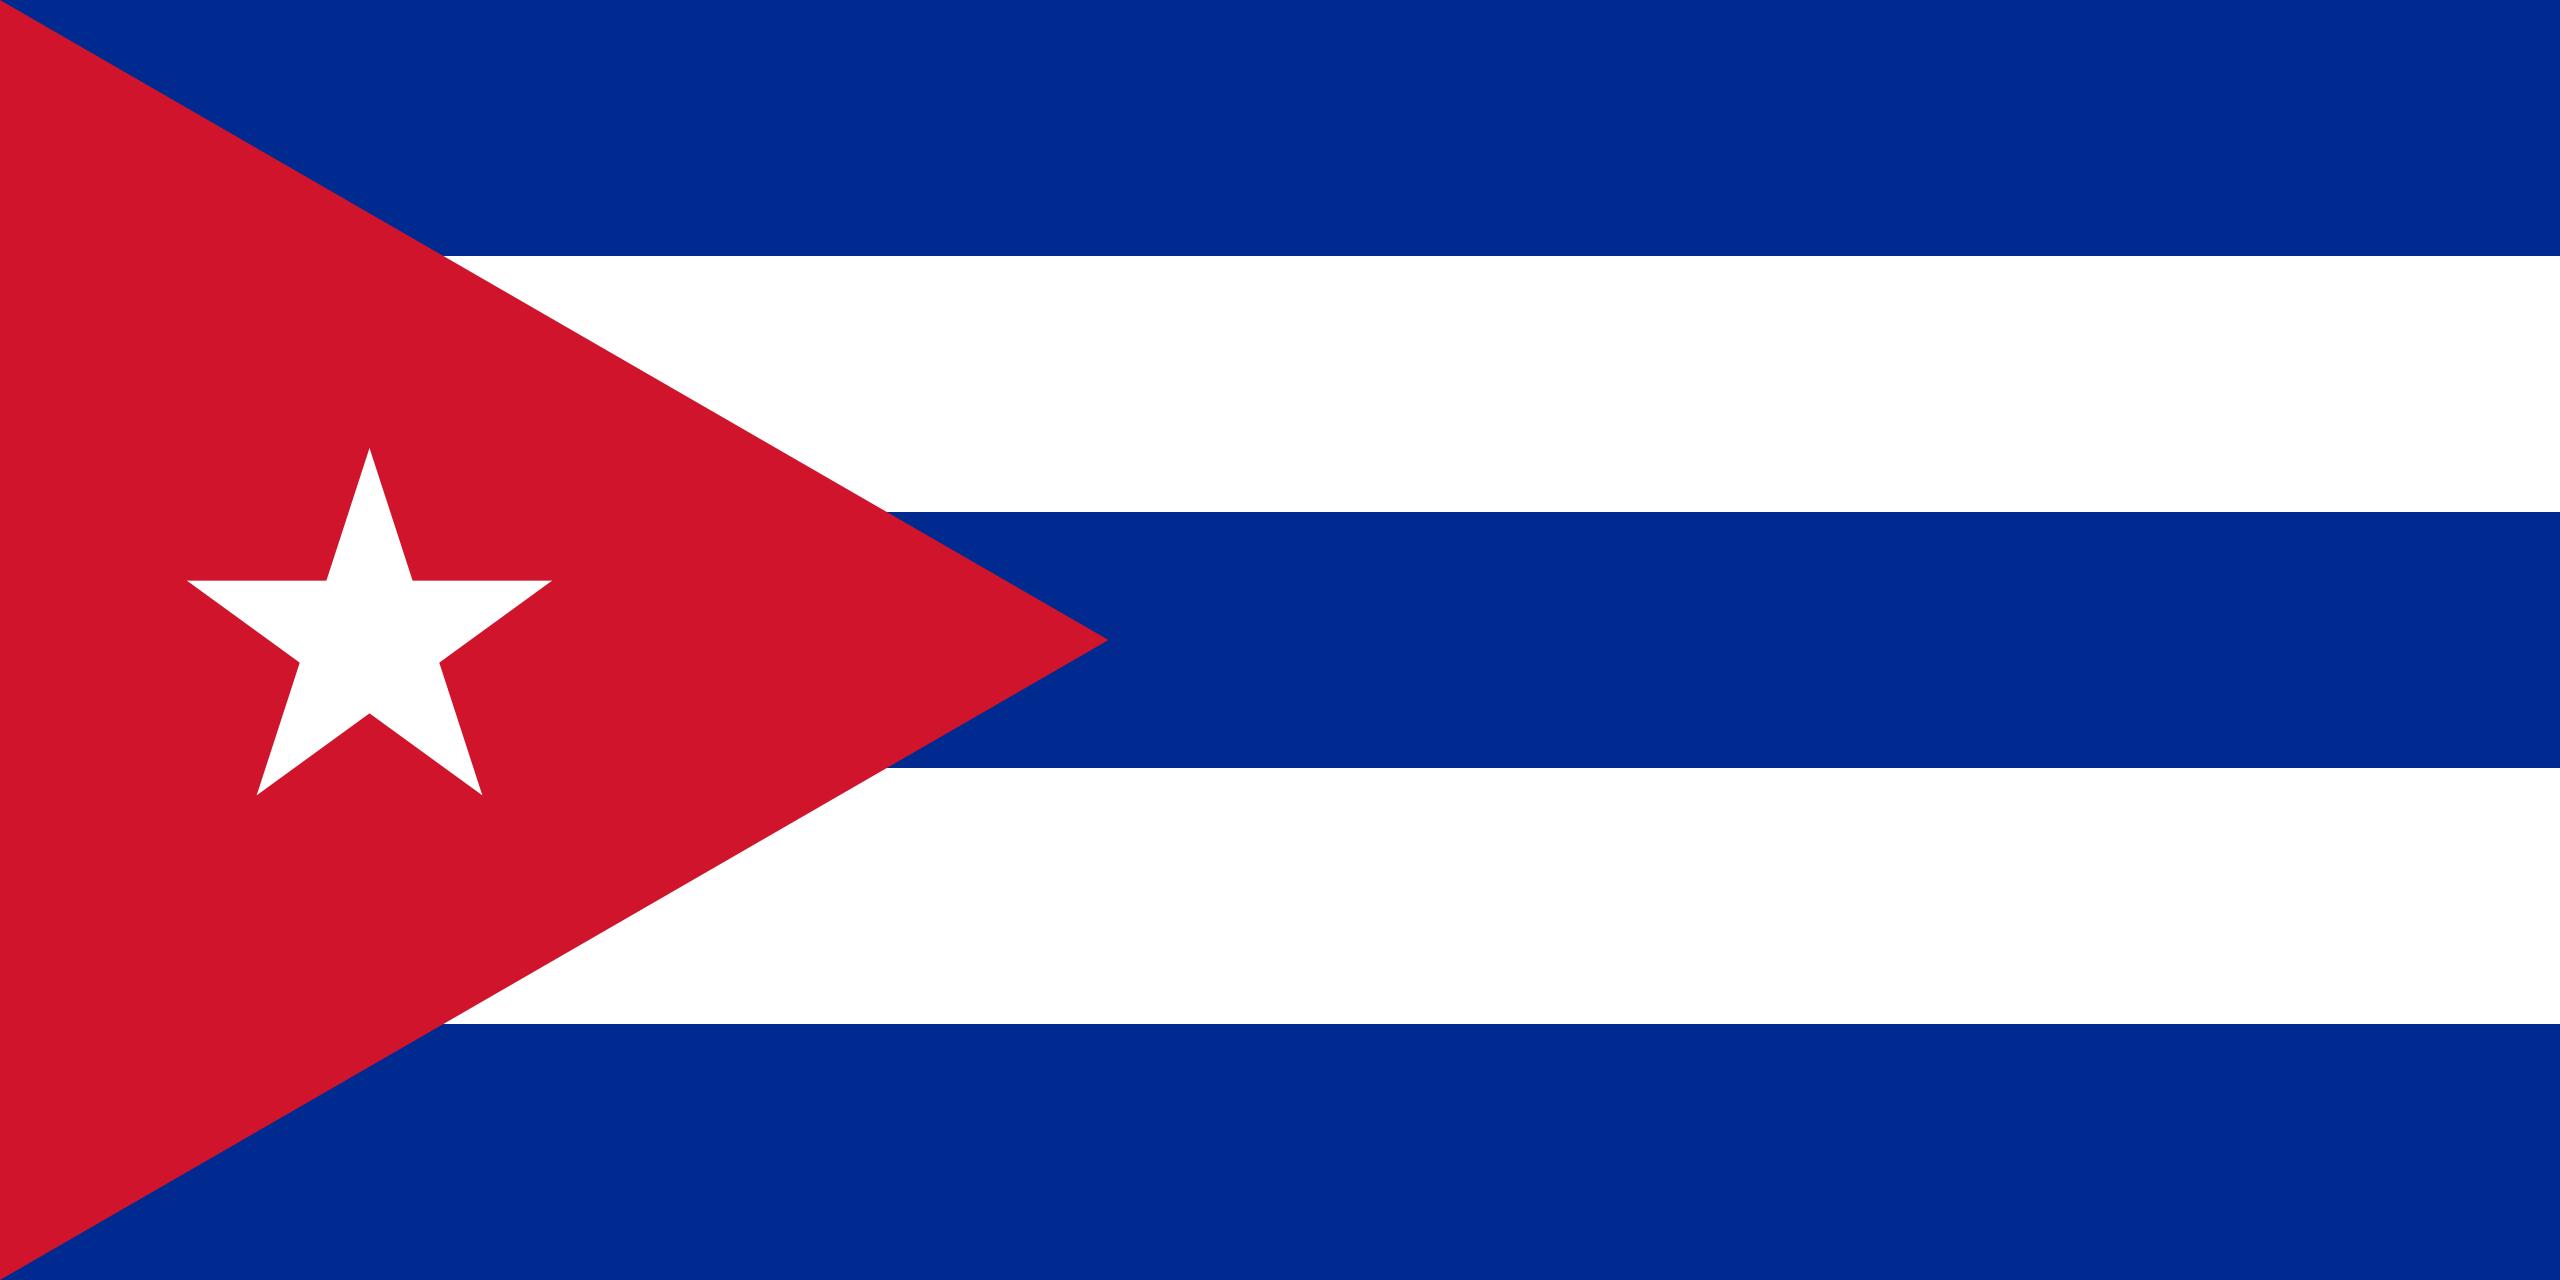 cuba - bandera